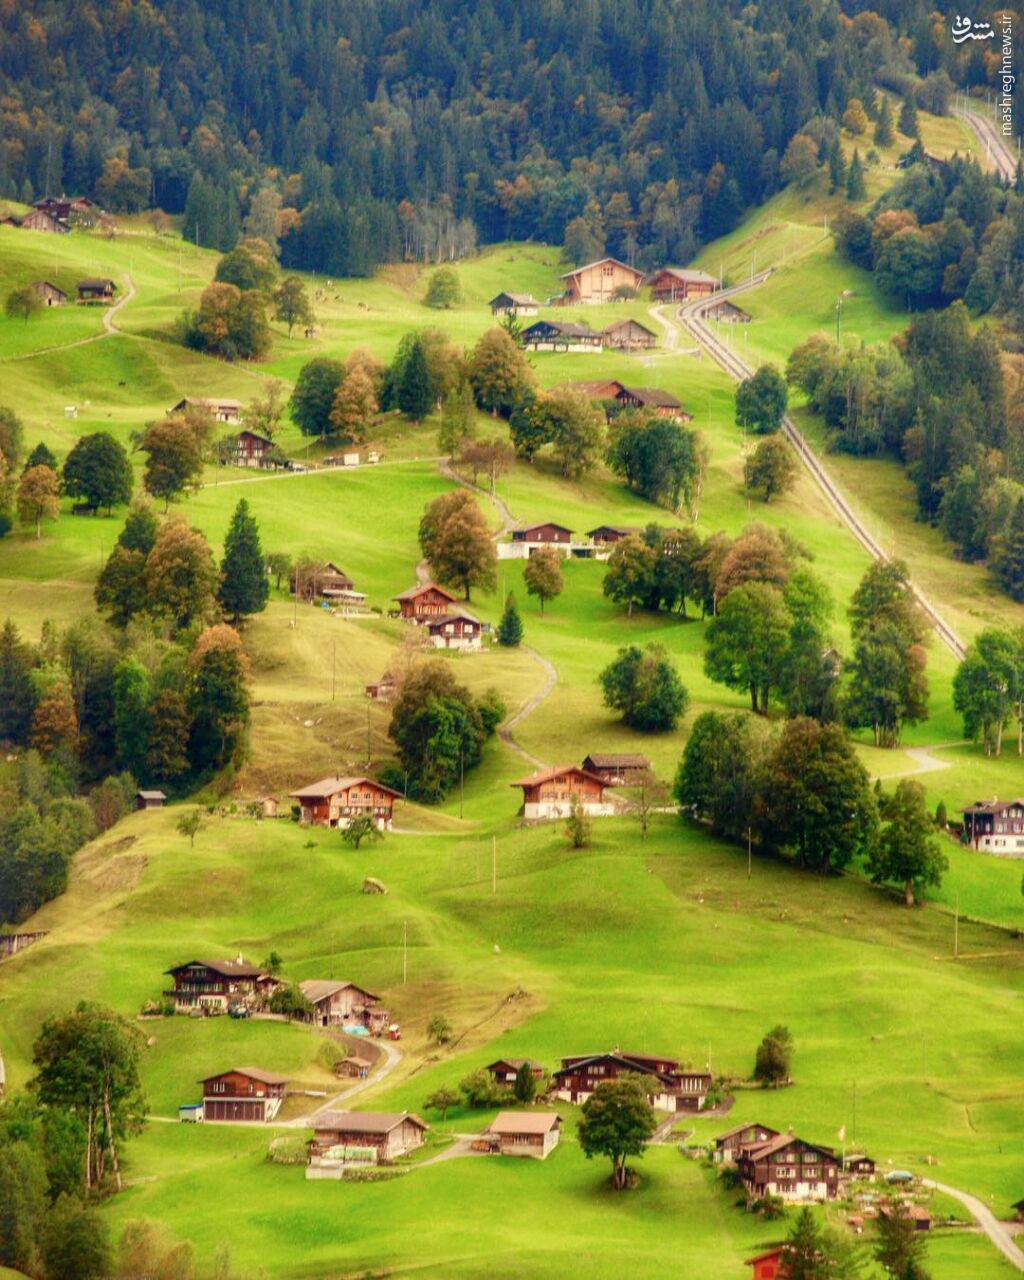 روستایی در دامنه آلپ، Grindelwald، سوییس عکس از Aneta (Aneta1404)